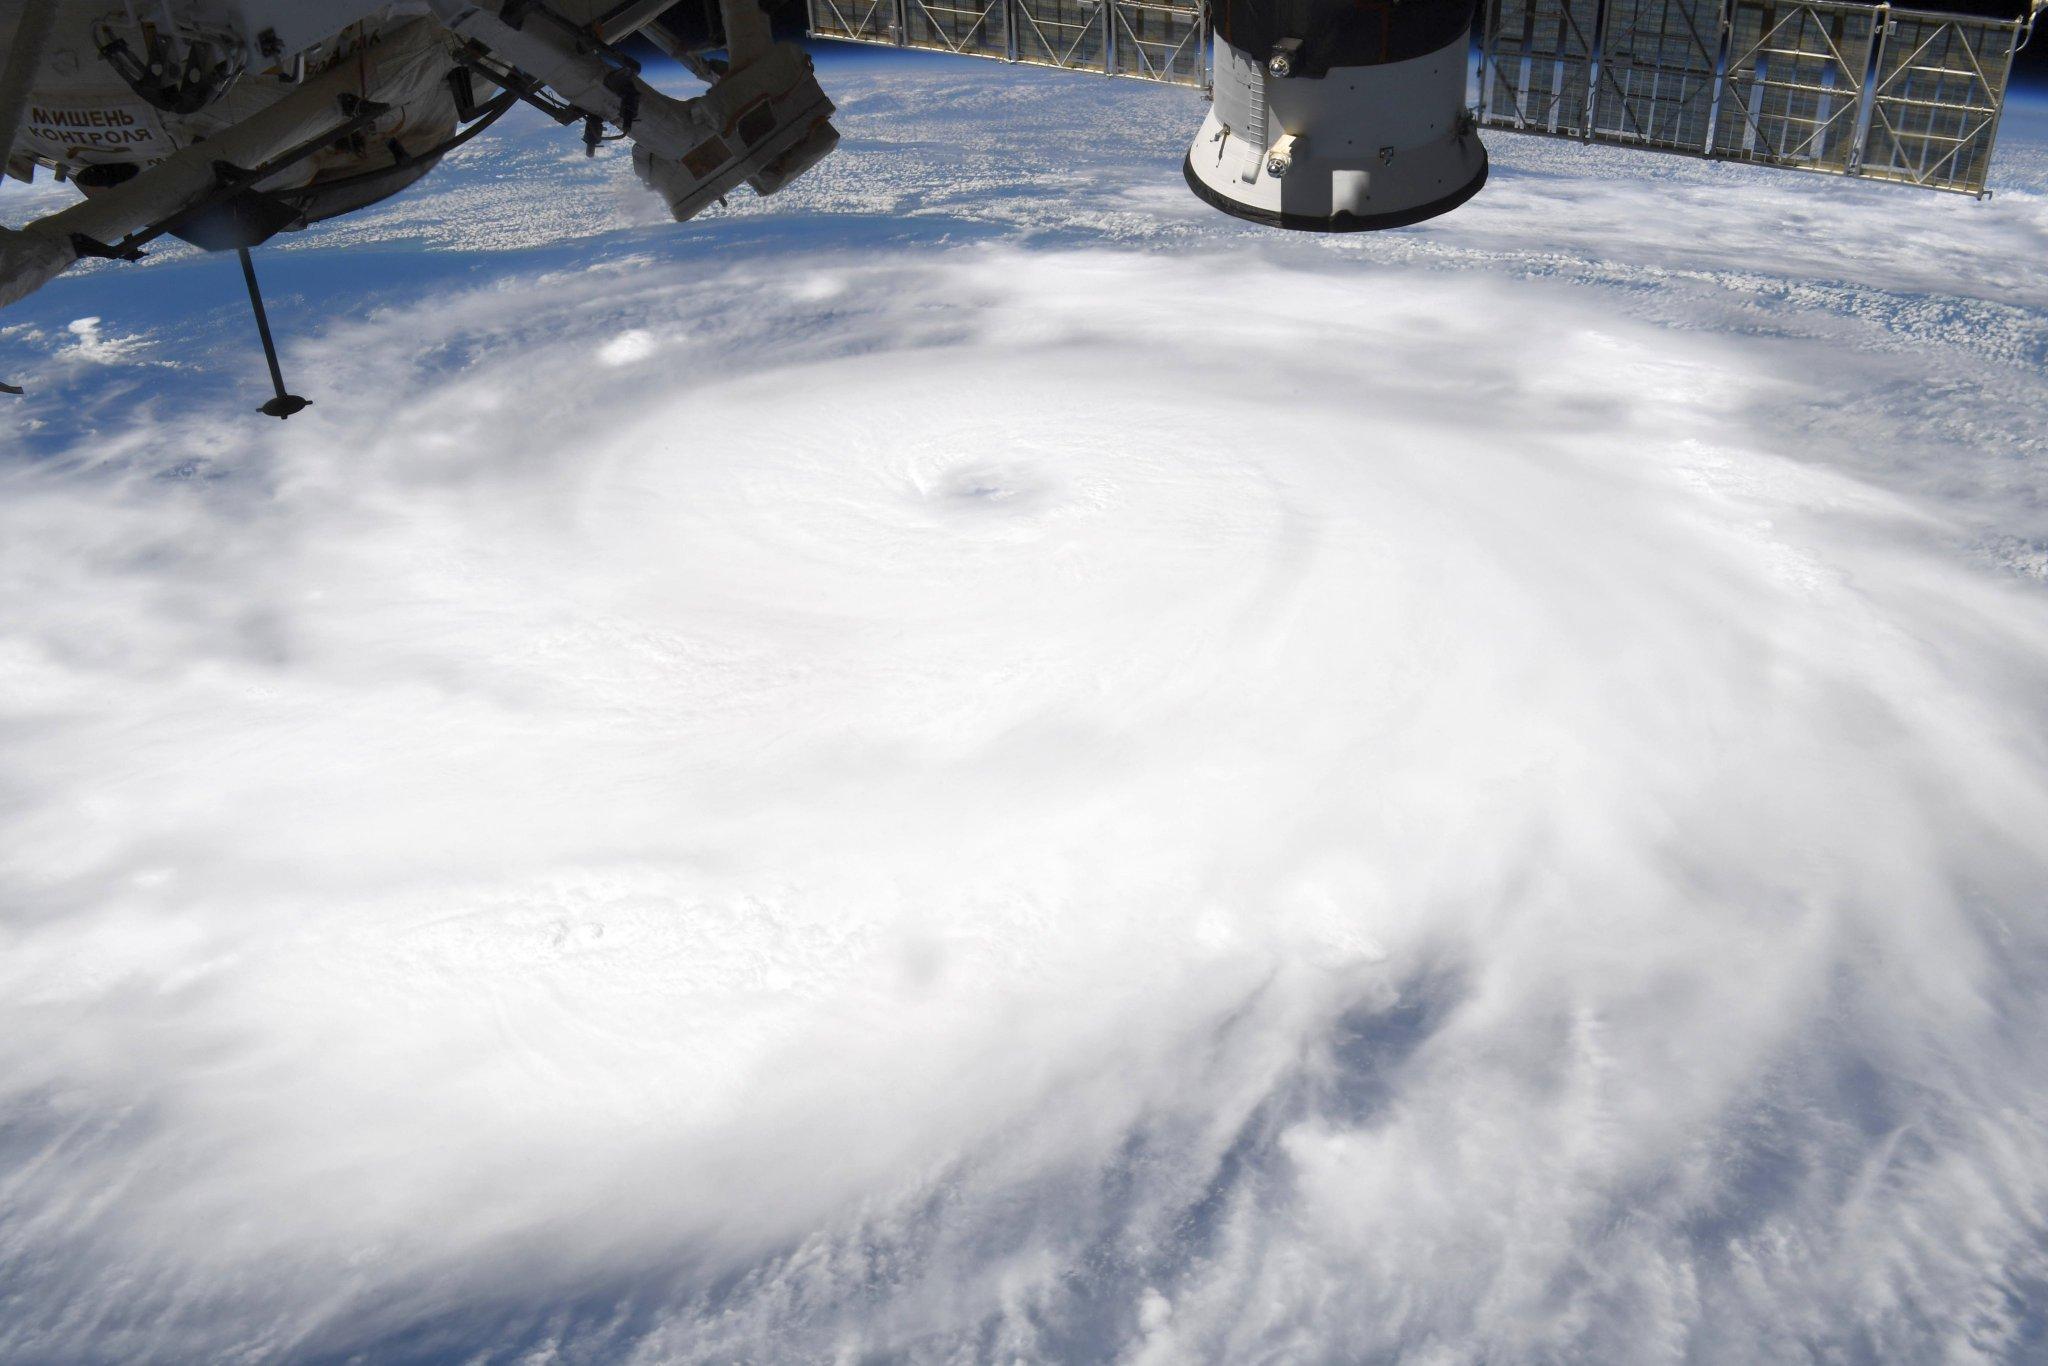 Furacão Laura visto do espaço em imagem tirada pelo astronauta Chris Cassidy, a bordo da Estação Espacial Internacional. (Fonte: Chris Cassidy/Reprodução)